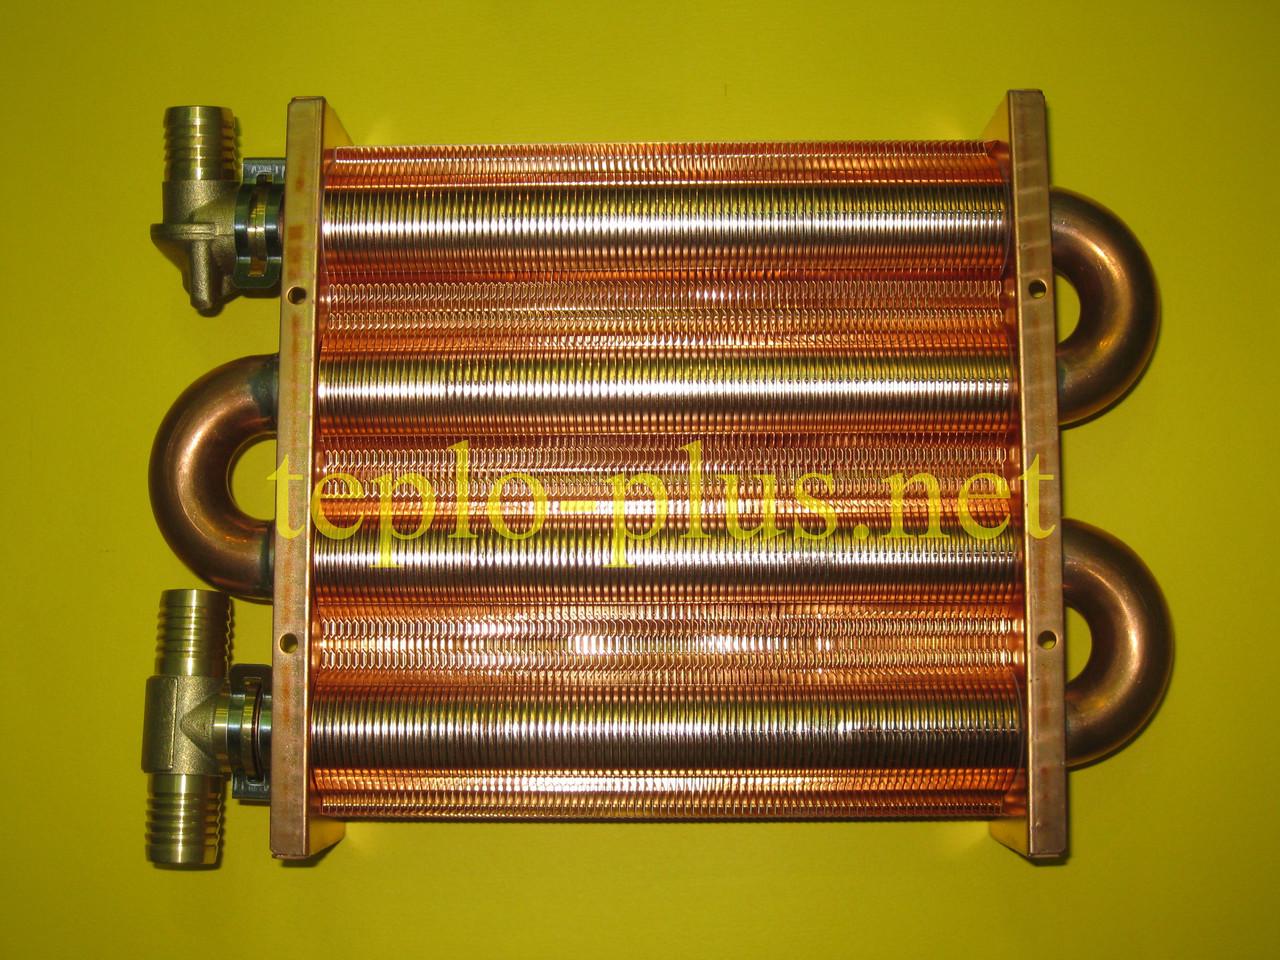 Теплообменник дэу Кожухотрубный испаритель Alfa Laval DXD 345 Рыбинск